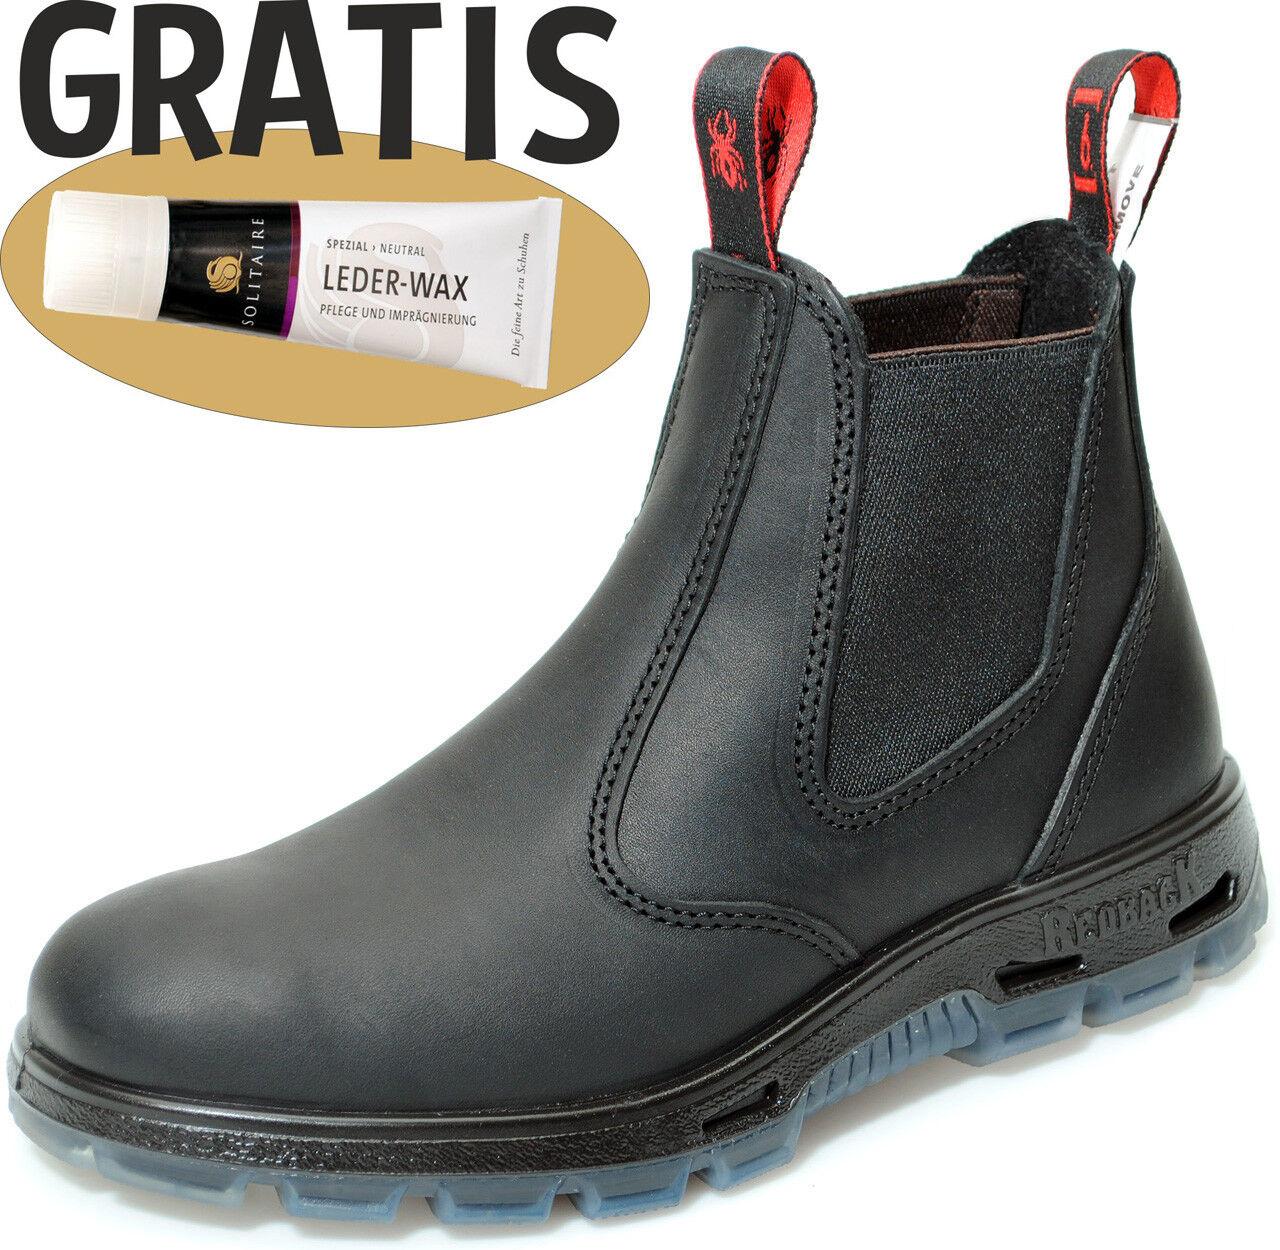 Redback Work Boots Arbeitsschuhe Reiten Leder Stiefelette UBBK schwarz + Zugabe